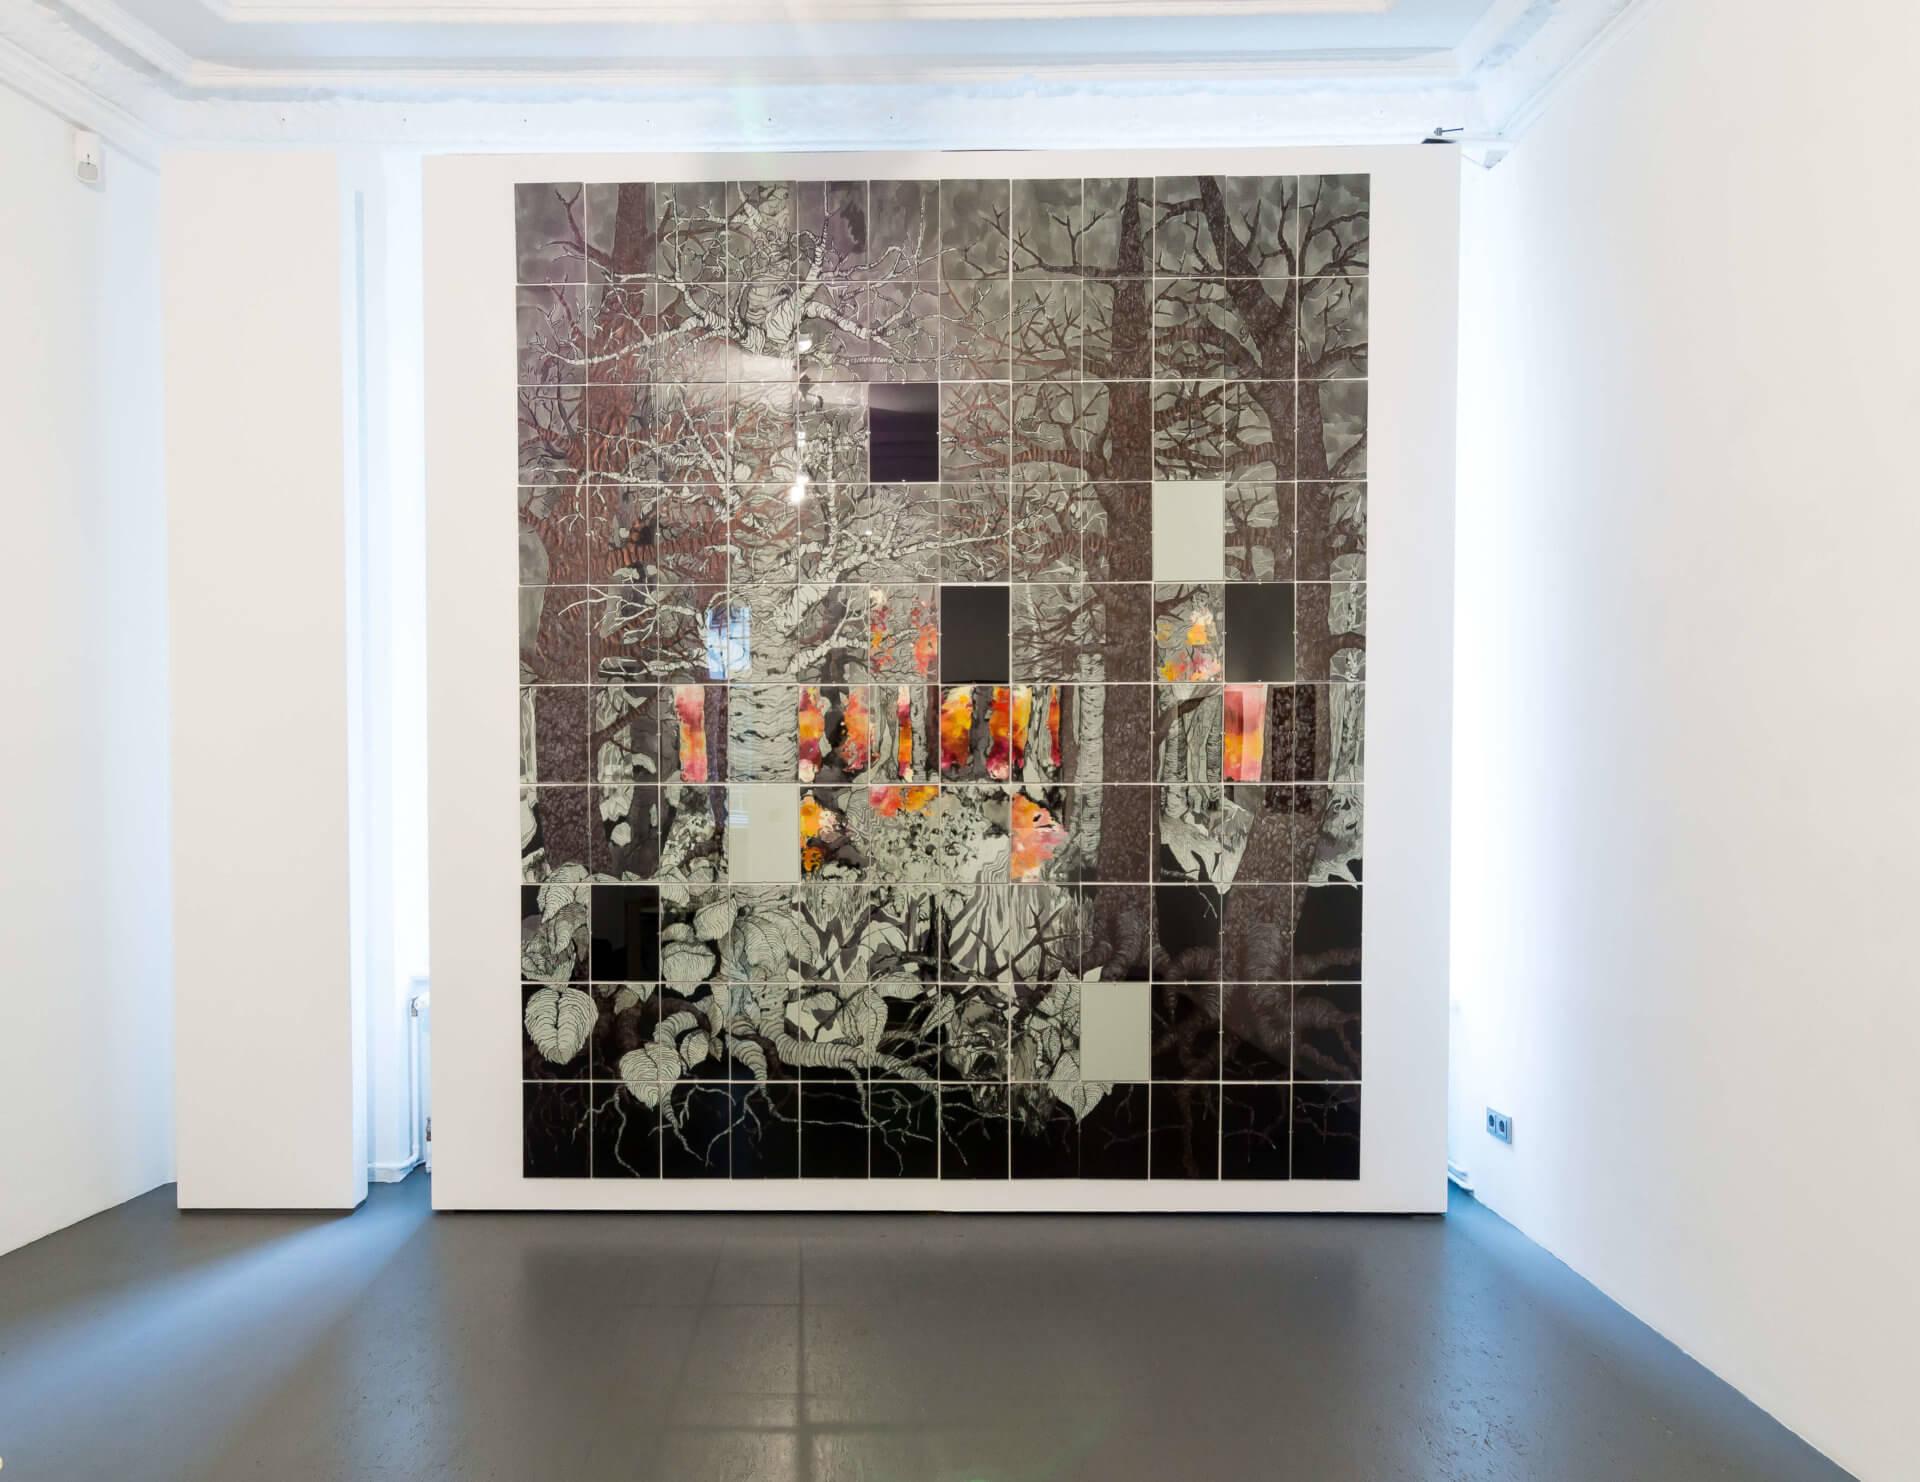 Katharina Albers, Wald XXXII(S), 2016, Tusche, Graphit, Linolfarbe, Ölfarbe, Fineliner, Gelstift auf Papier, 120 Stück je 30×21 cm, Größe gesamt 279×252 cm